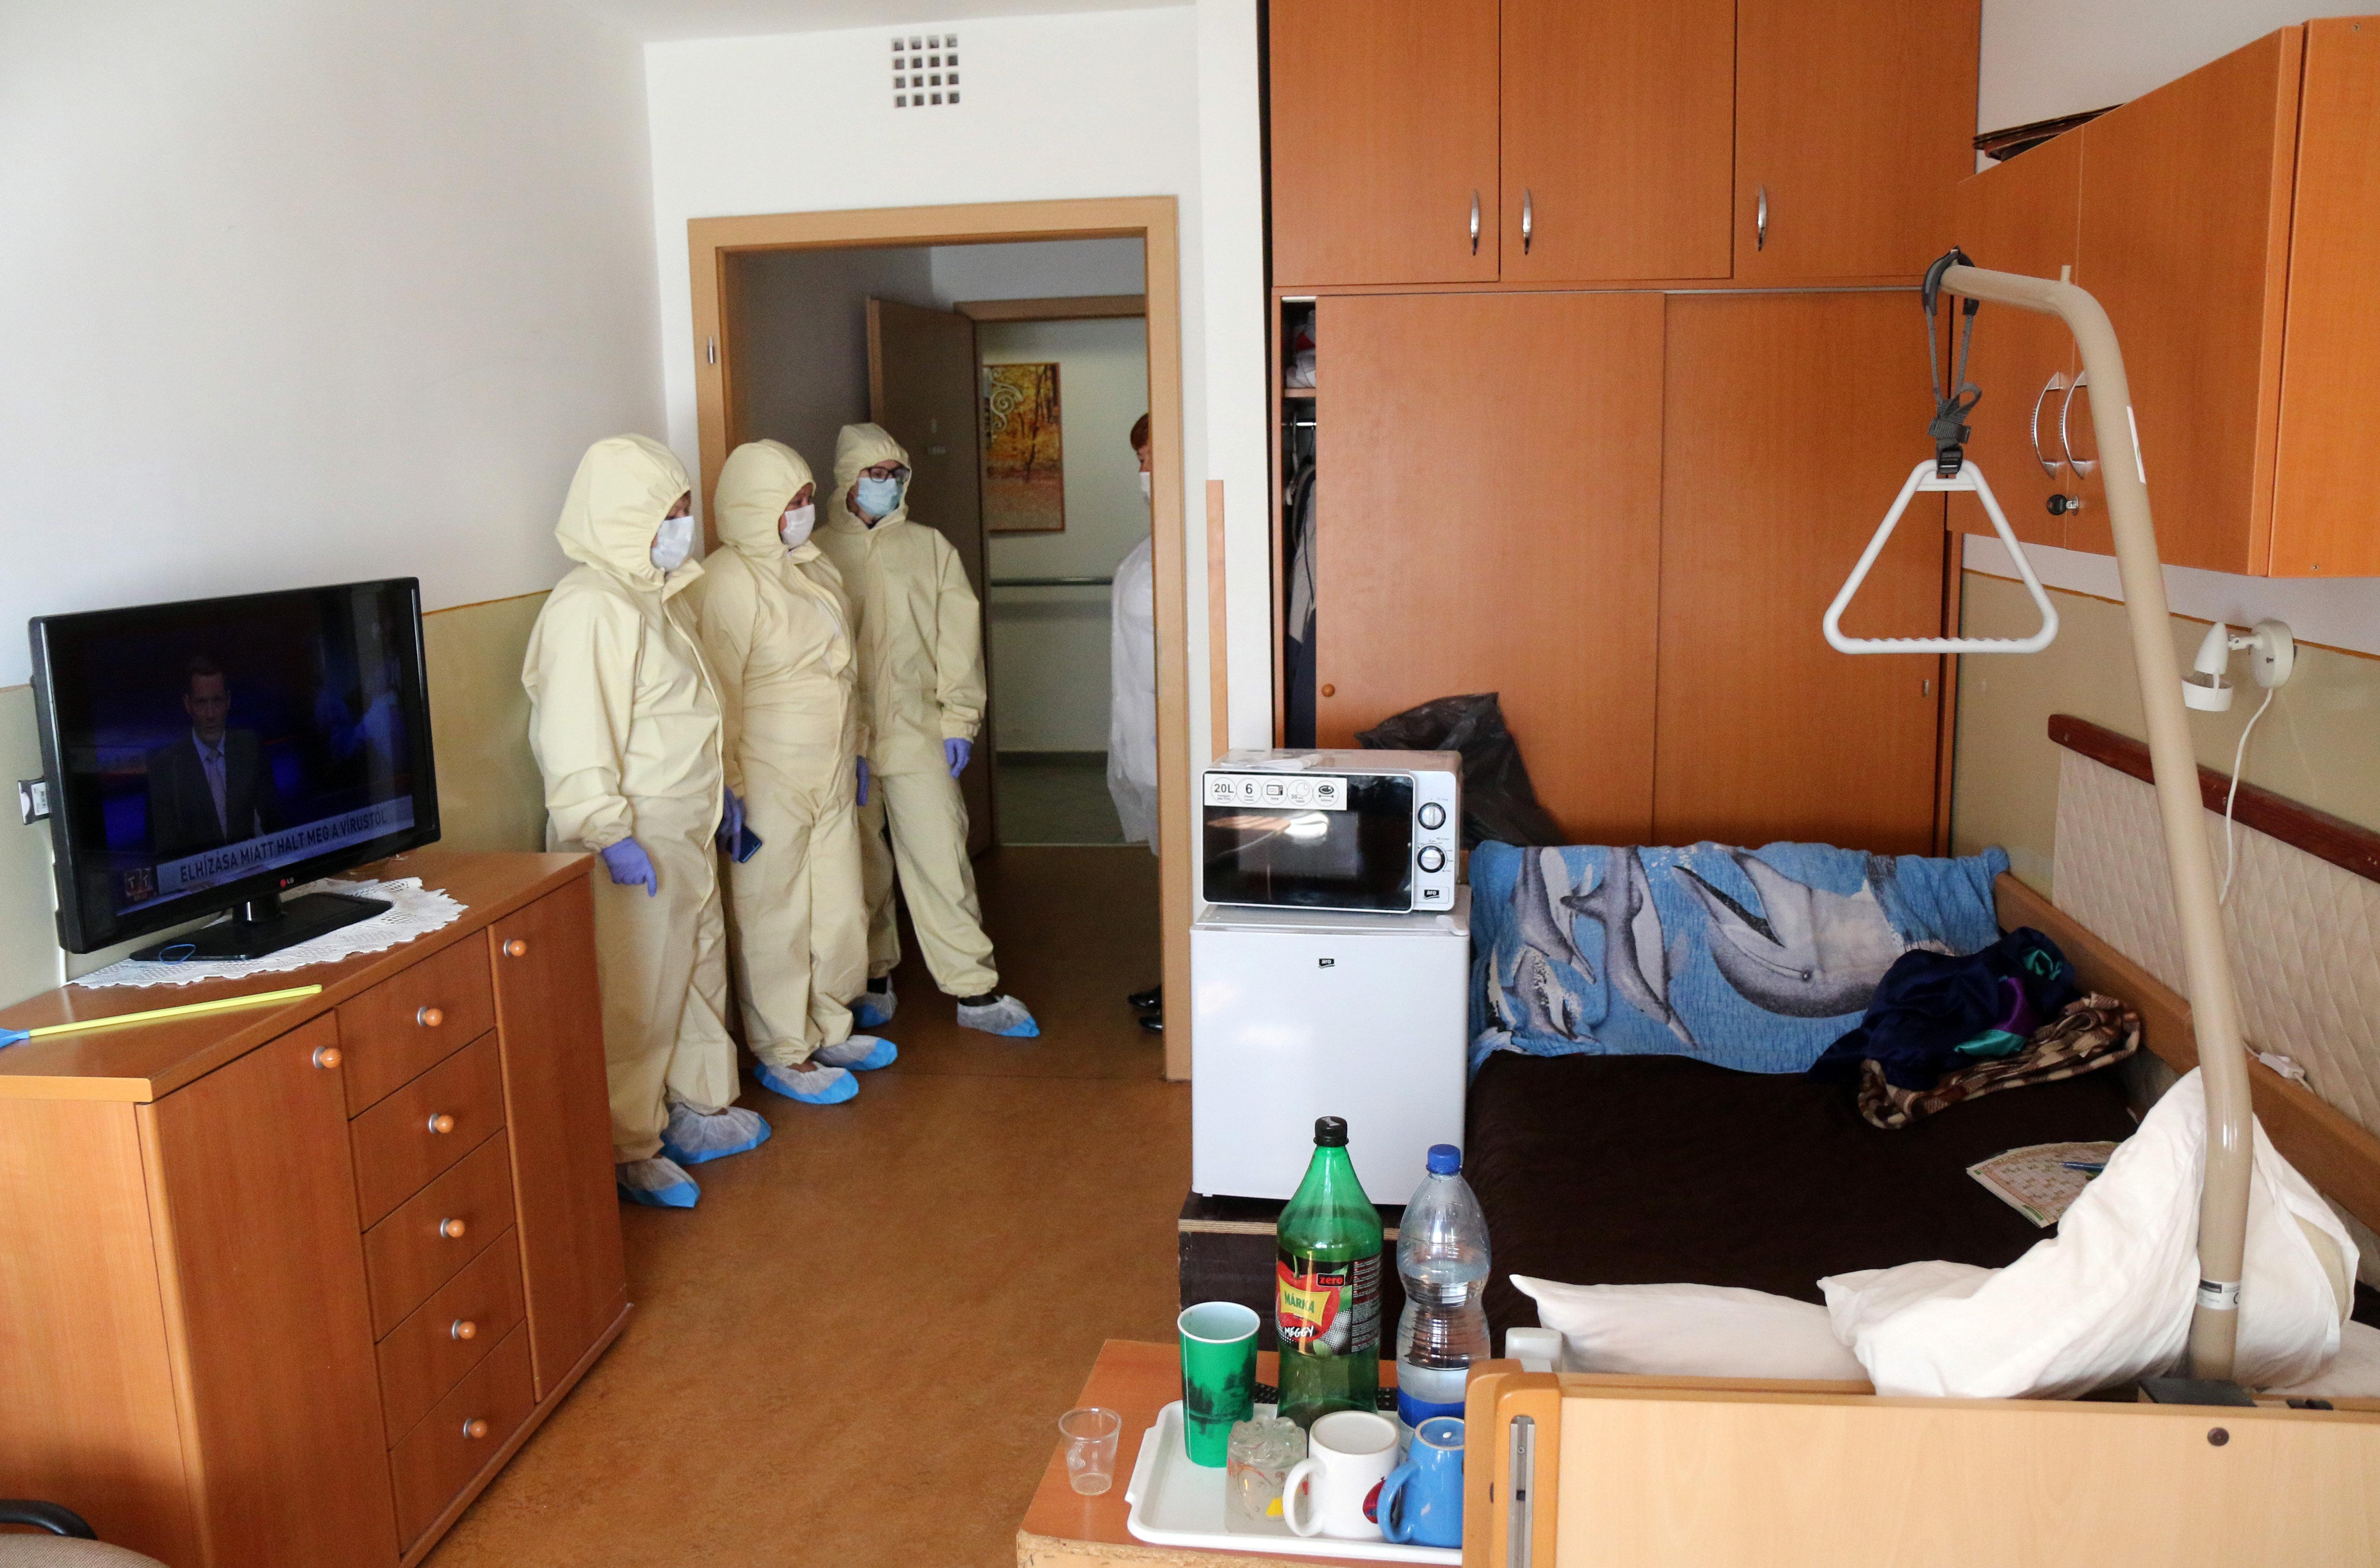 Messze Borsod megyében volt a napokban a legtöbb új koronavírus fertőzött, bár erről a megyei napilap elfelejt beszámolni